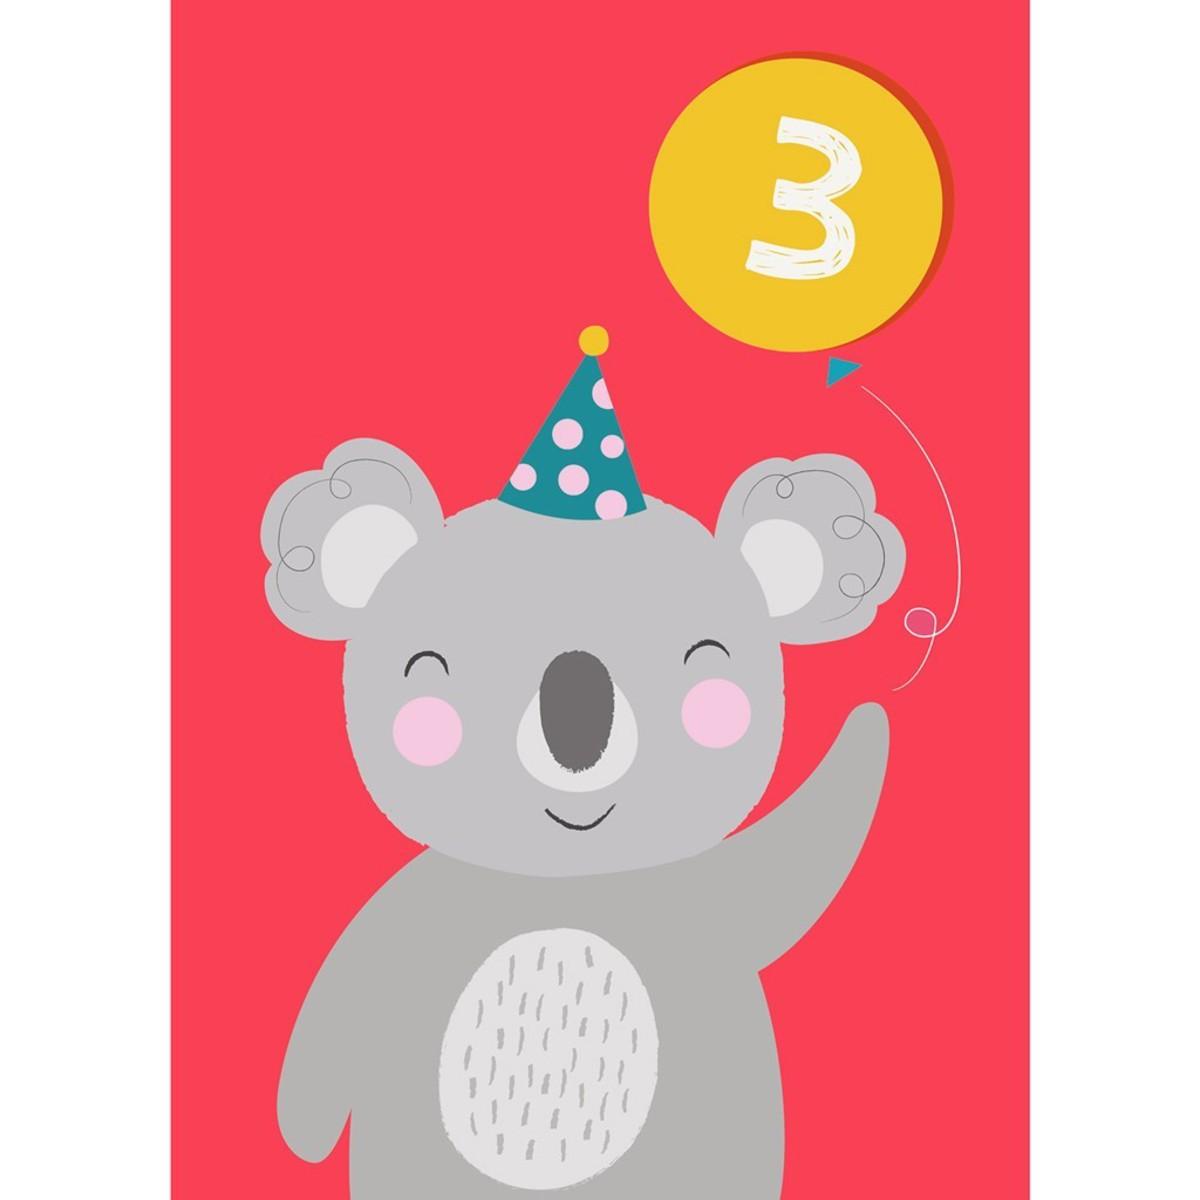 Anniversaire & Fête Carte Troisième Anniversaire Koala Carte Troisième Anniversaire Koala